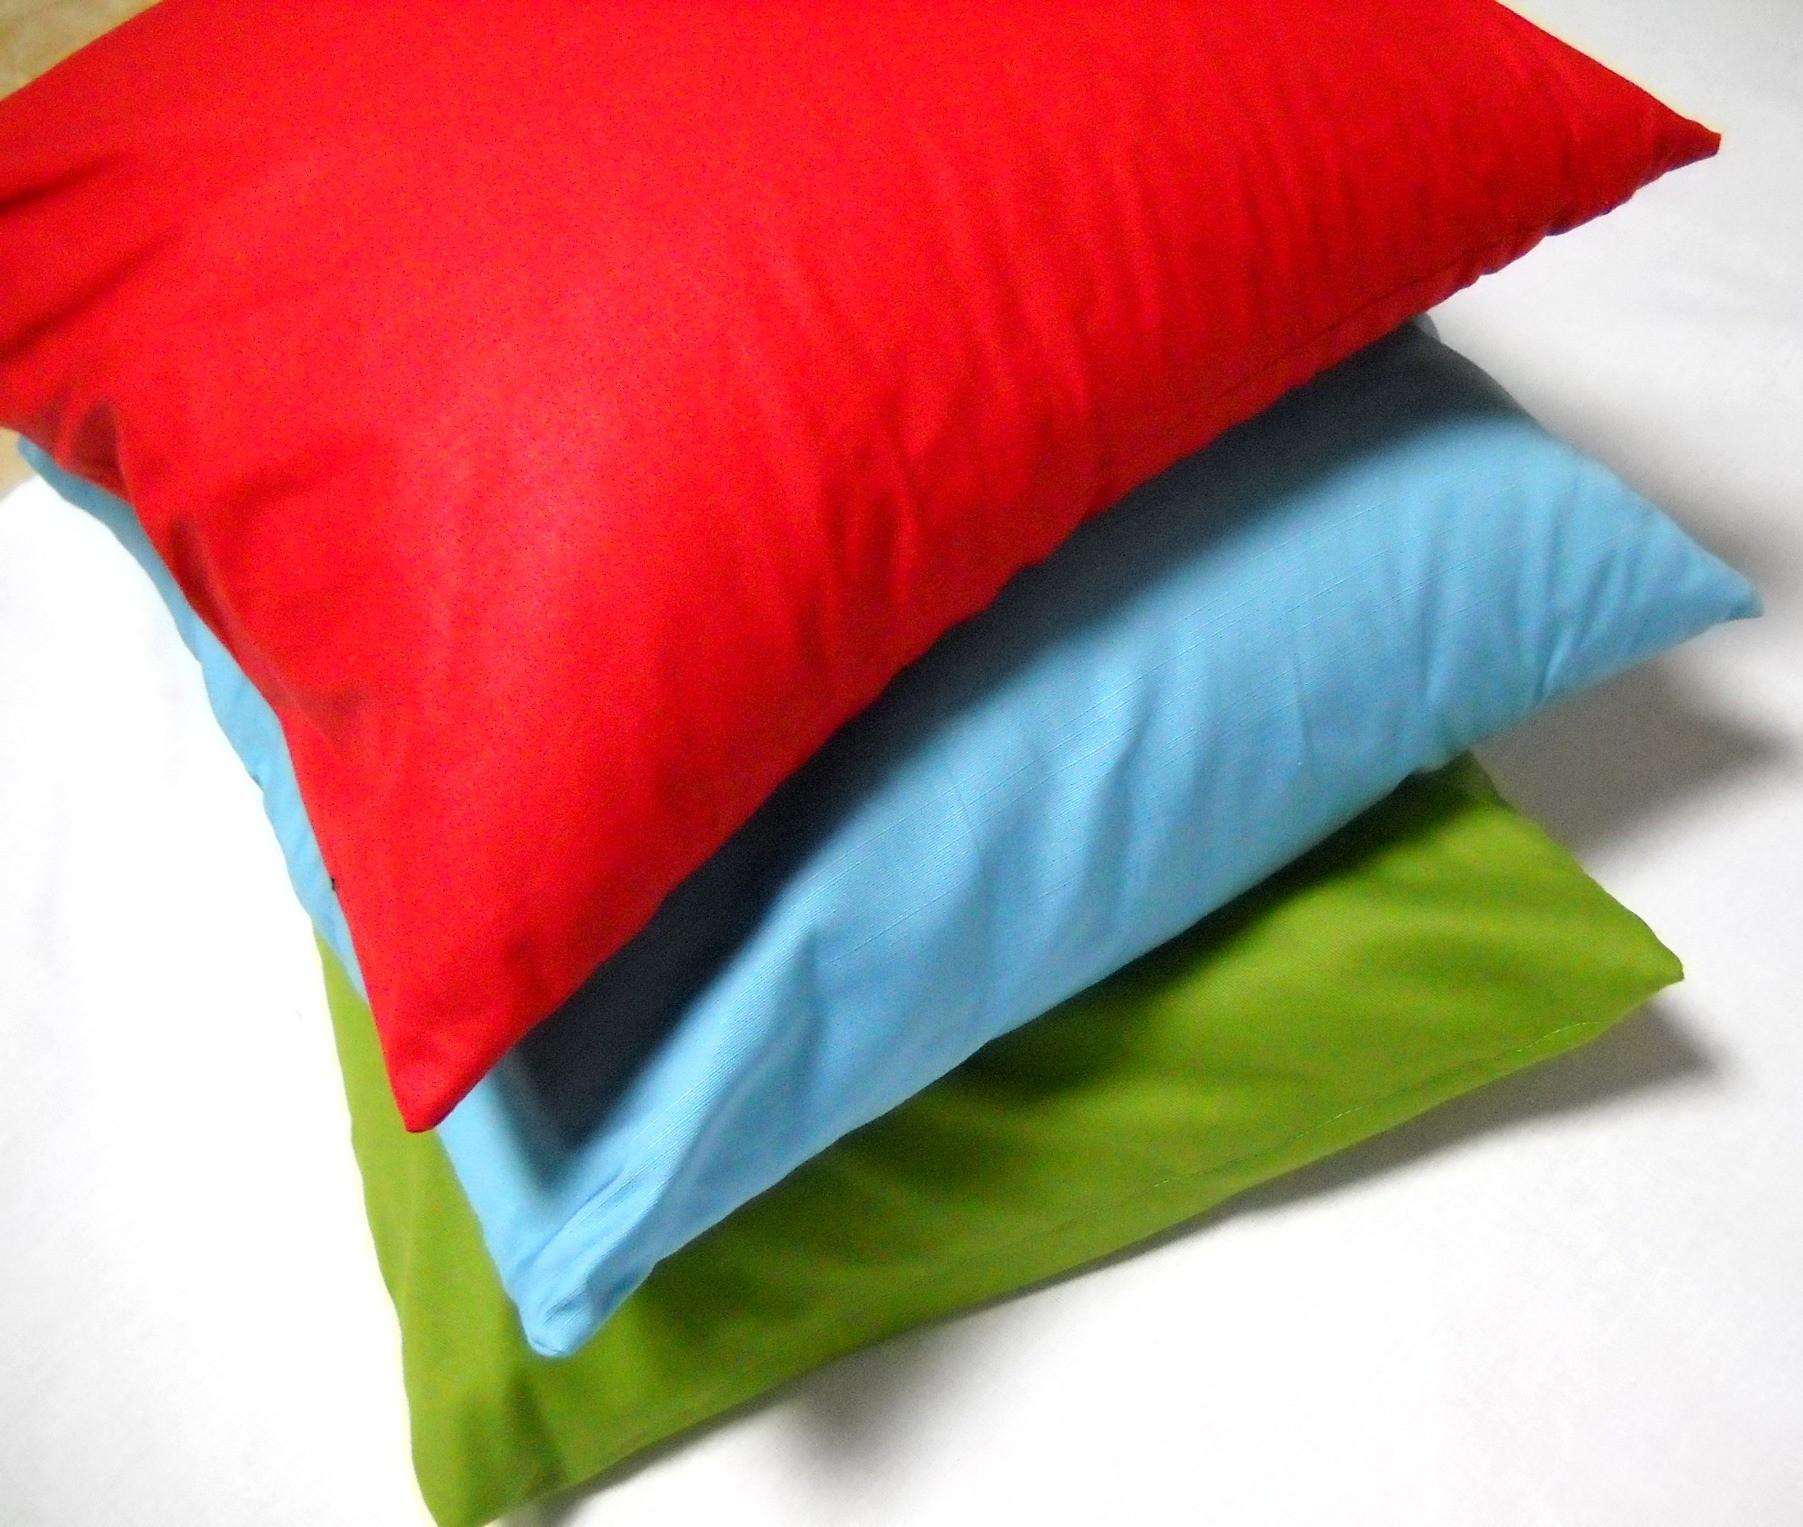 Sobakawa Buckwheat Hull Pillow | Where to Buy Buckwheat Pillow | Buckwheat Pillow Benefits